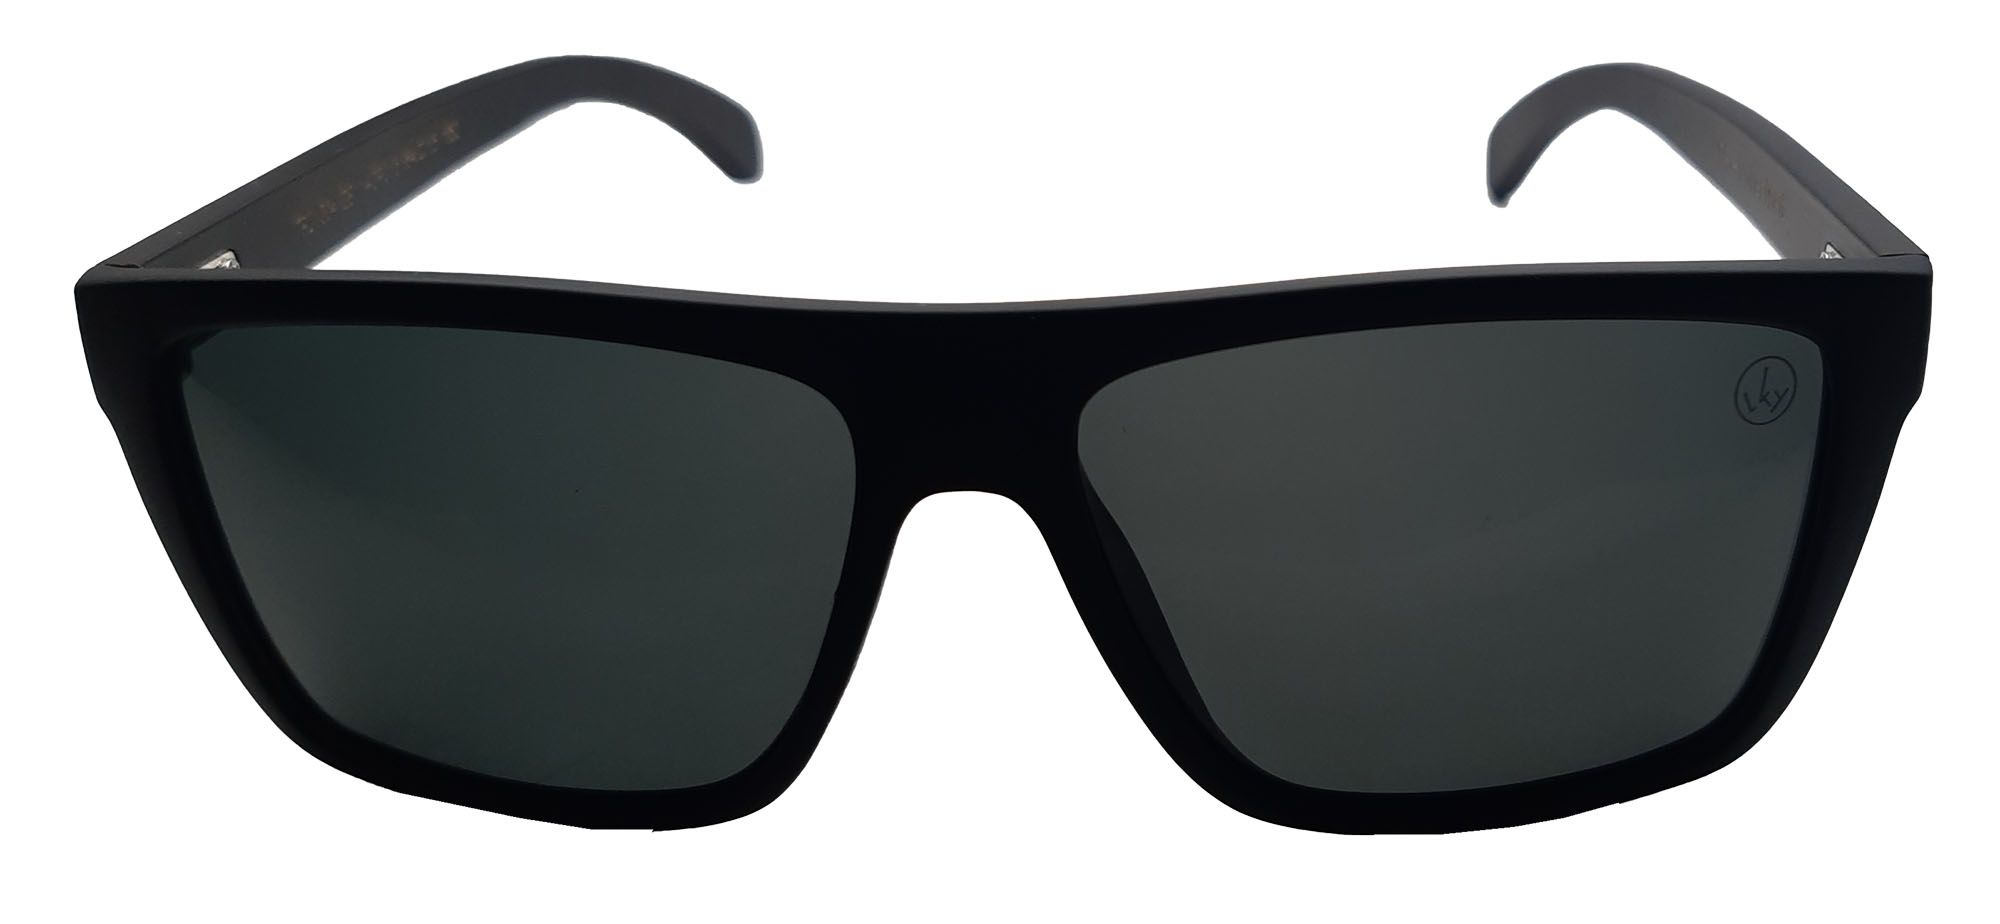 Óculos de sol polarizado Lucky21004